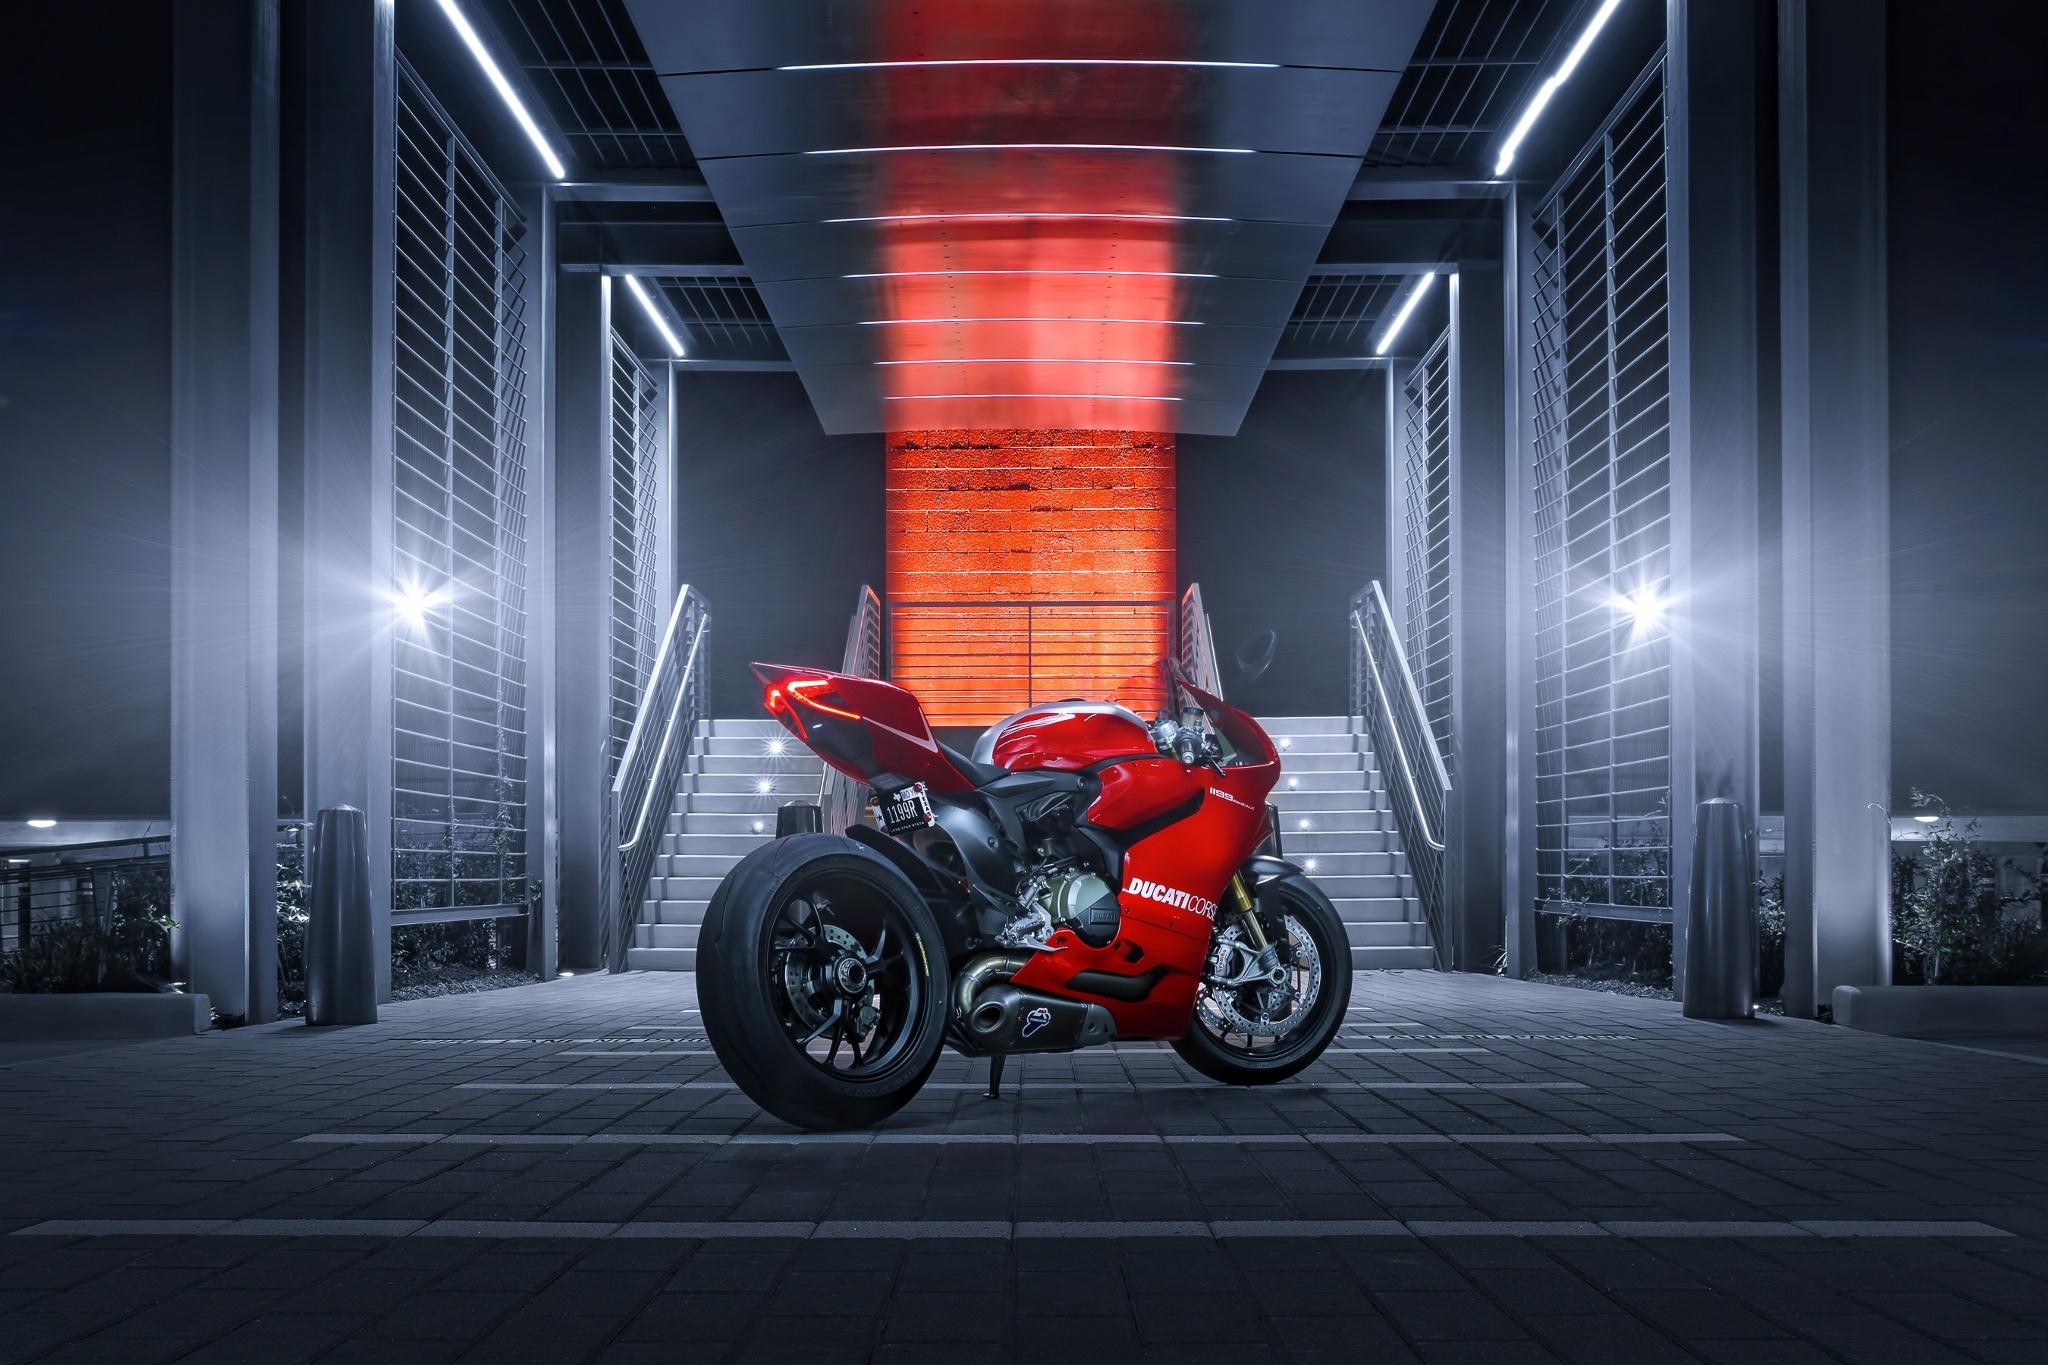 51078 Hintergrundbild herunterladen Ducati, Motorräder, Ducati 1199, Rückseite, Hinten, Joel Chan - Bildschirmschoner und Bilder kostenlos